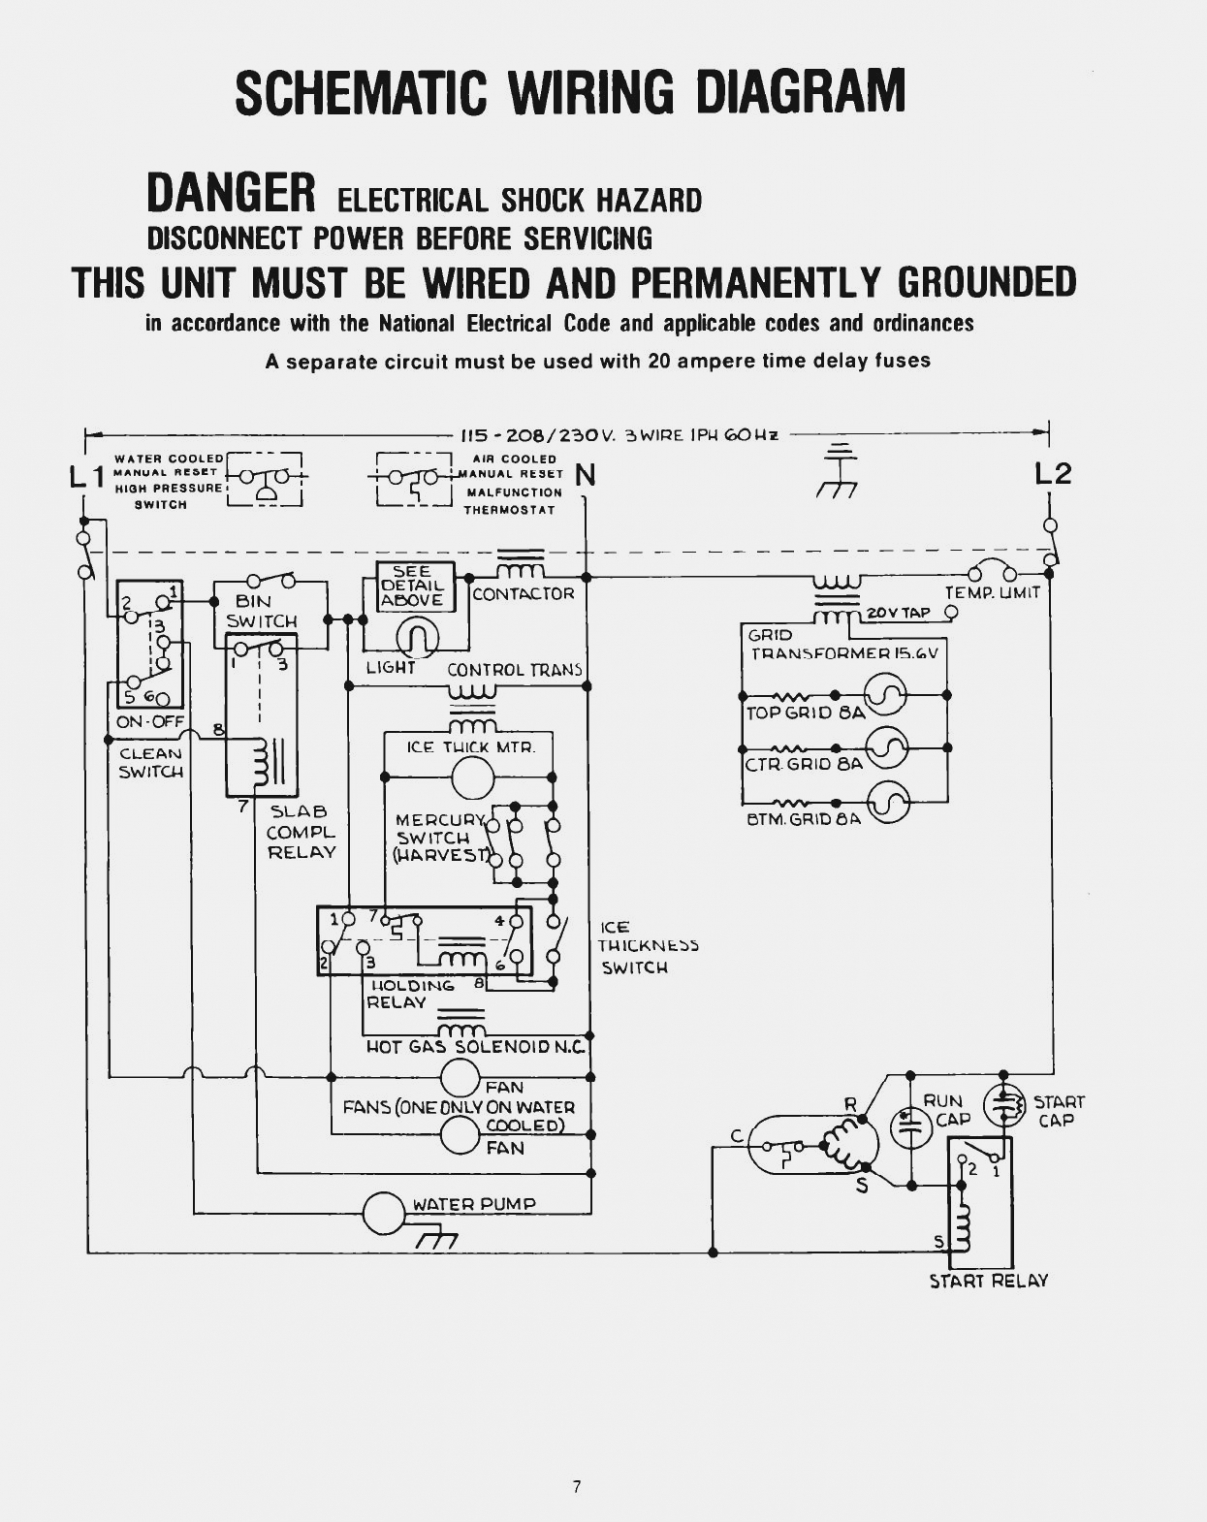 Refrigerator Wiring Diagram Pdf | Wiring Diagram - Refrigerator Wiring Diagram Pdf